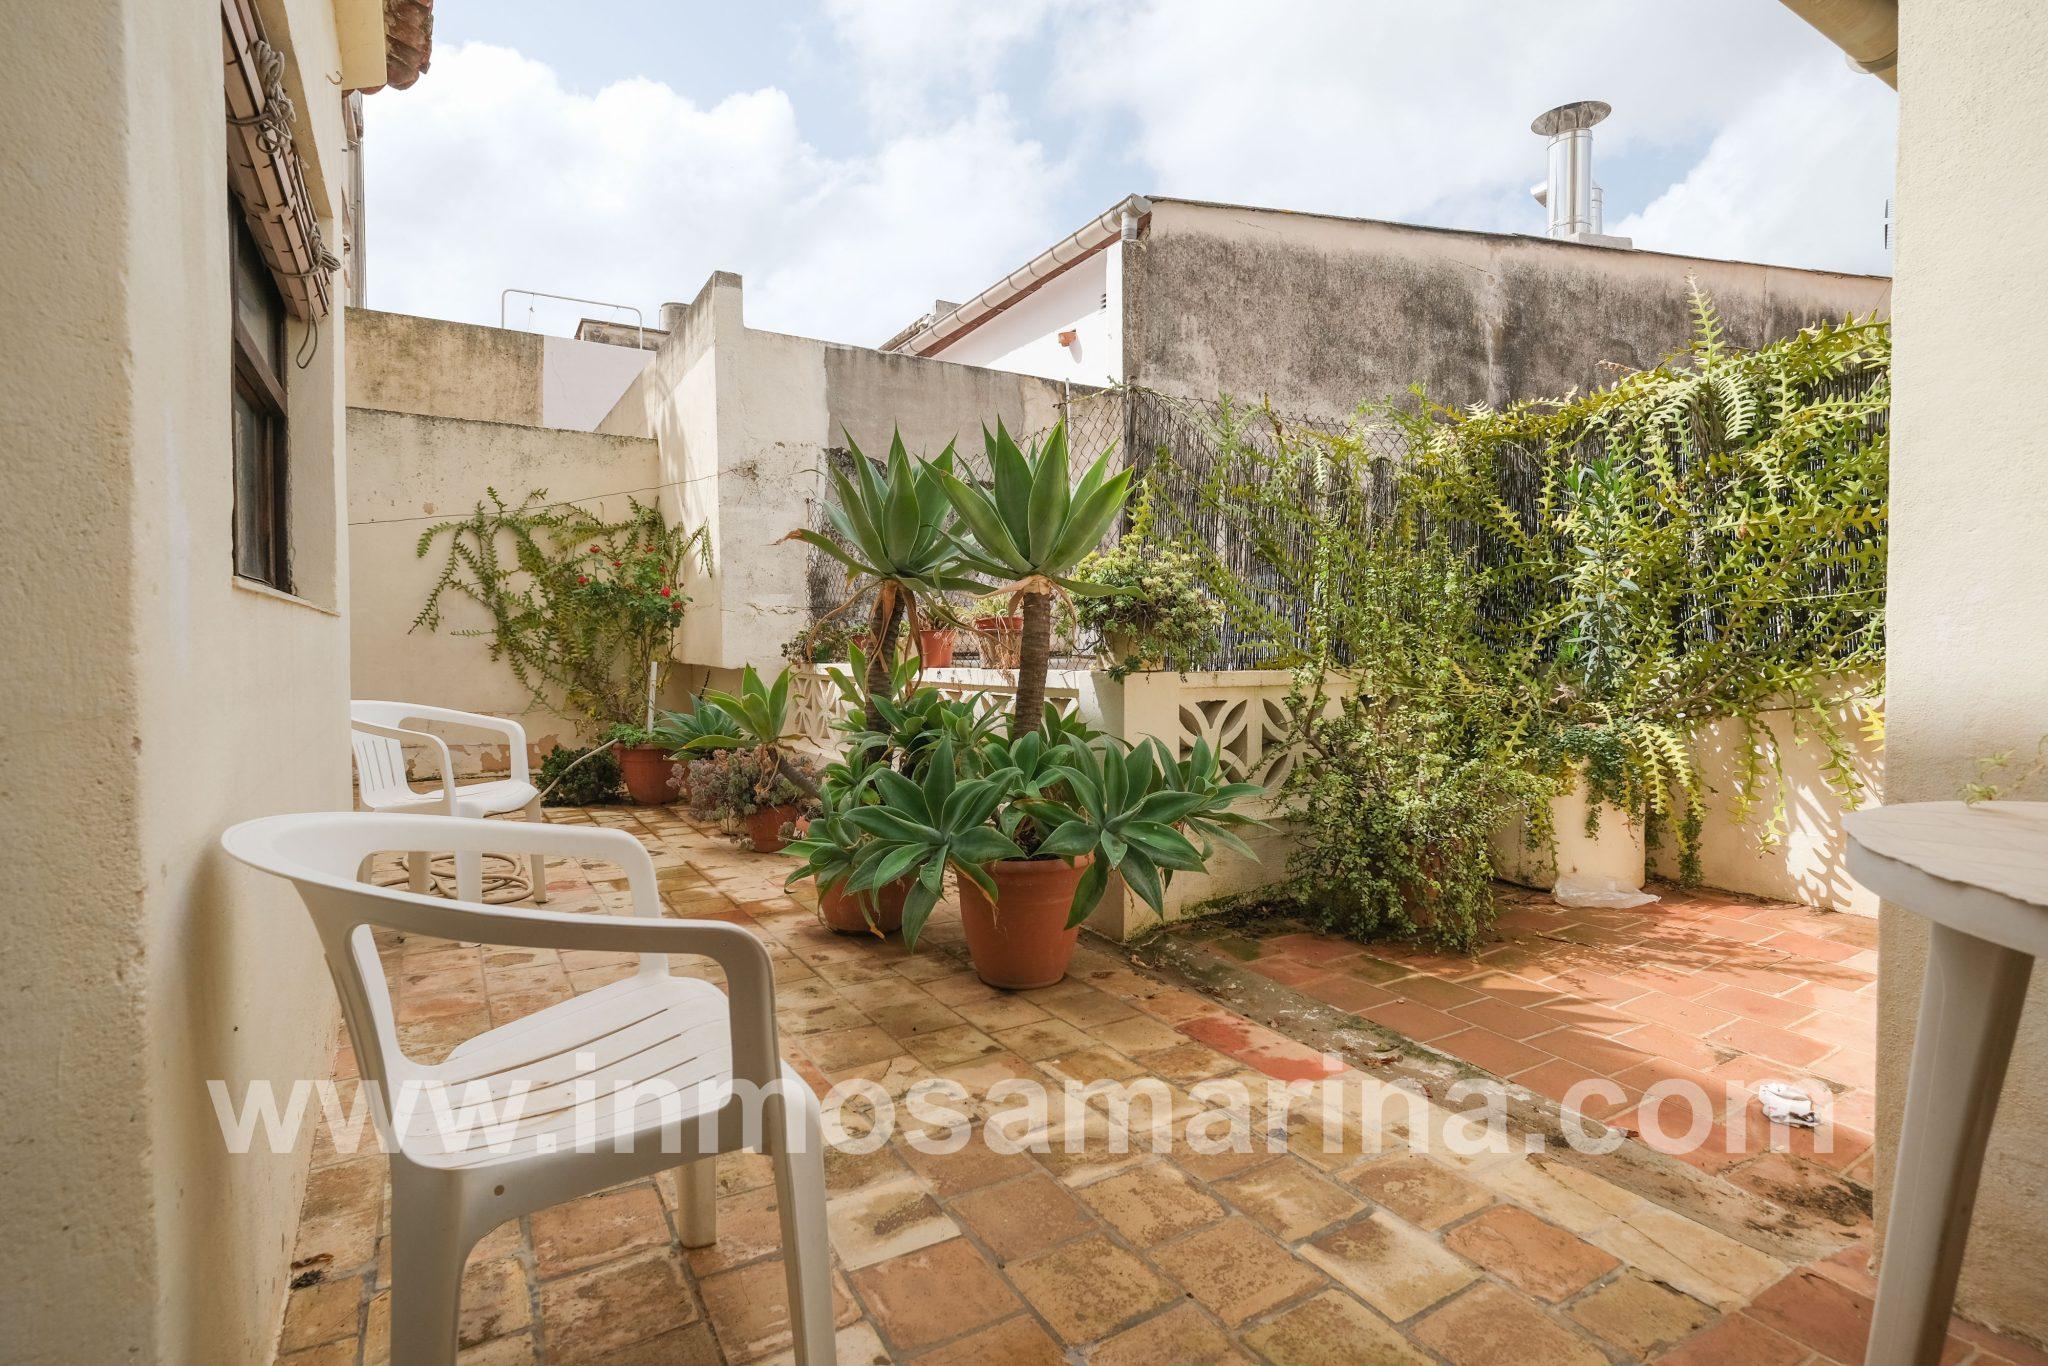 Piso con patio interior, venta, Inca